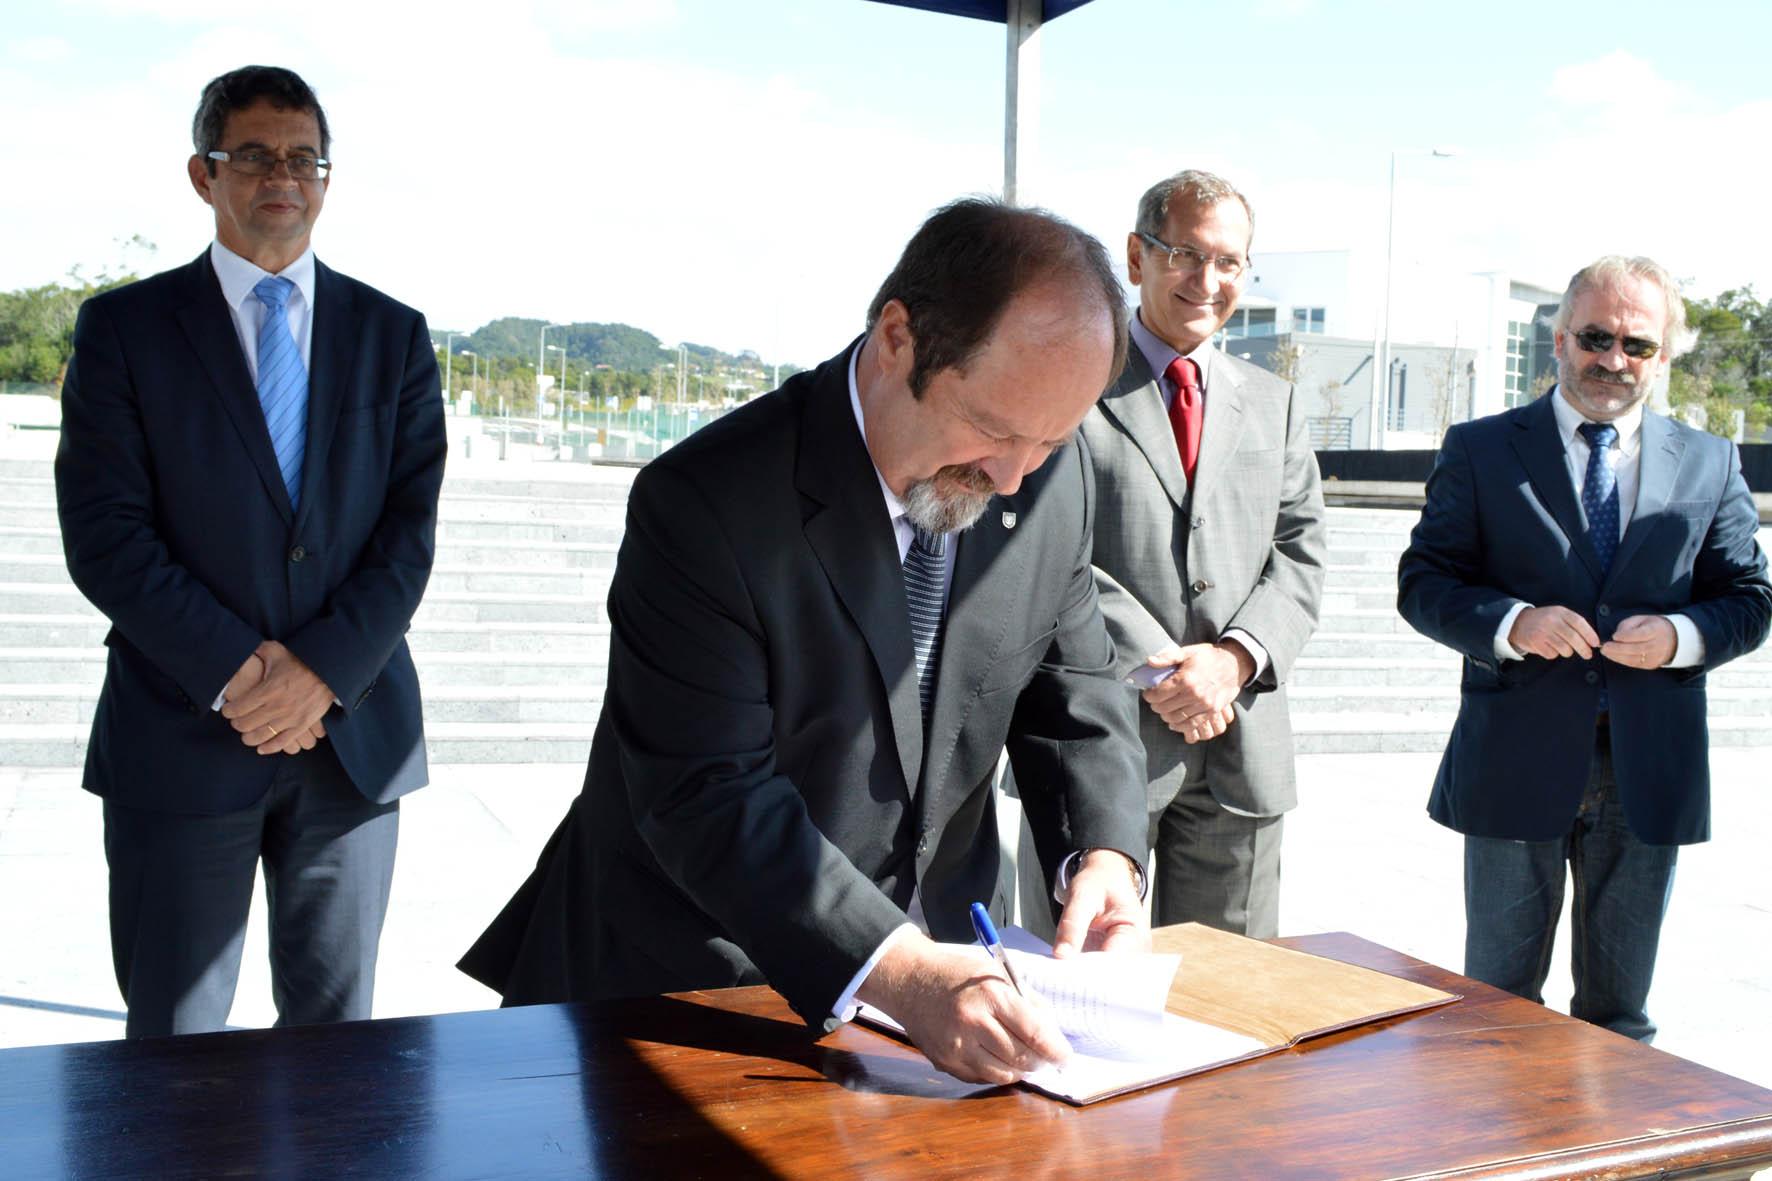 Parque de Ciência e Tecnologia de São Miguel é local previligiado para pôr talentos a render, afirma José Contente